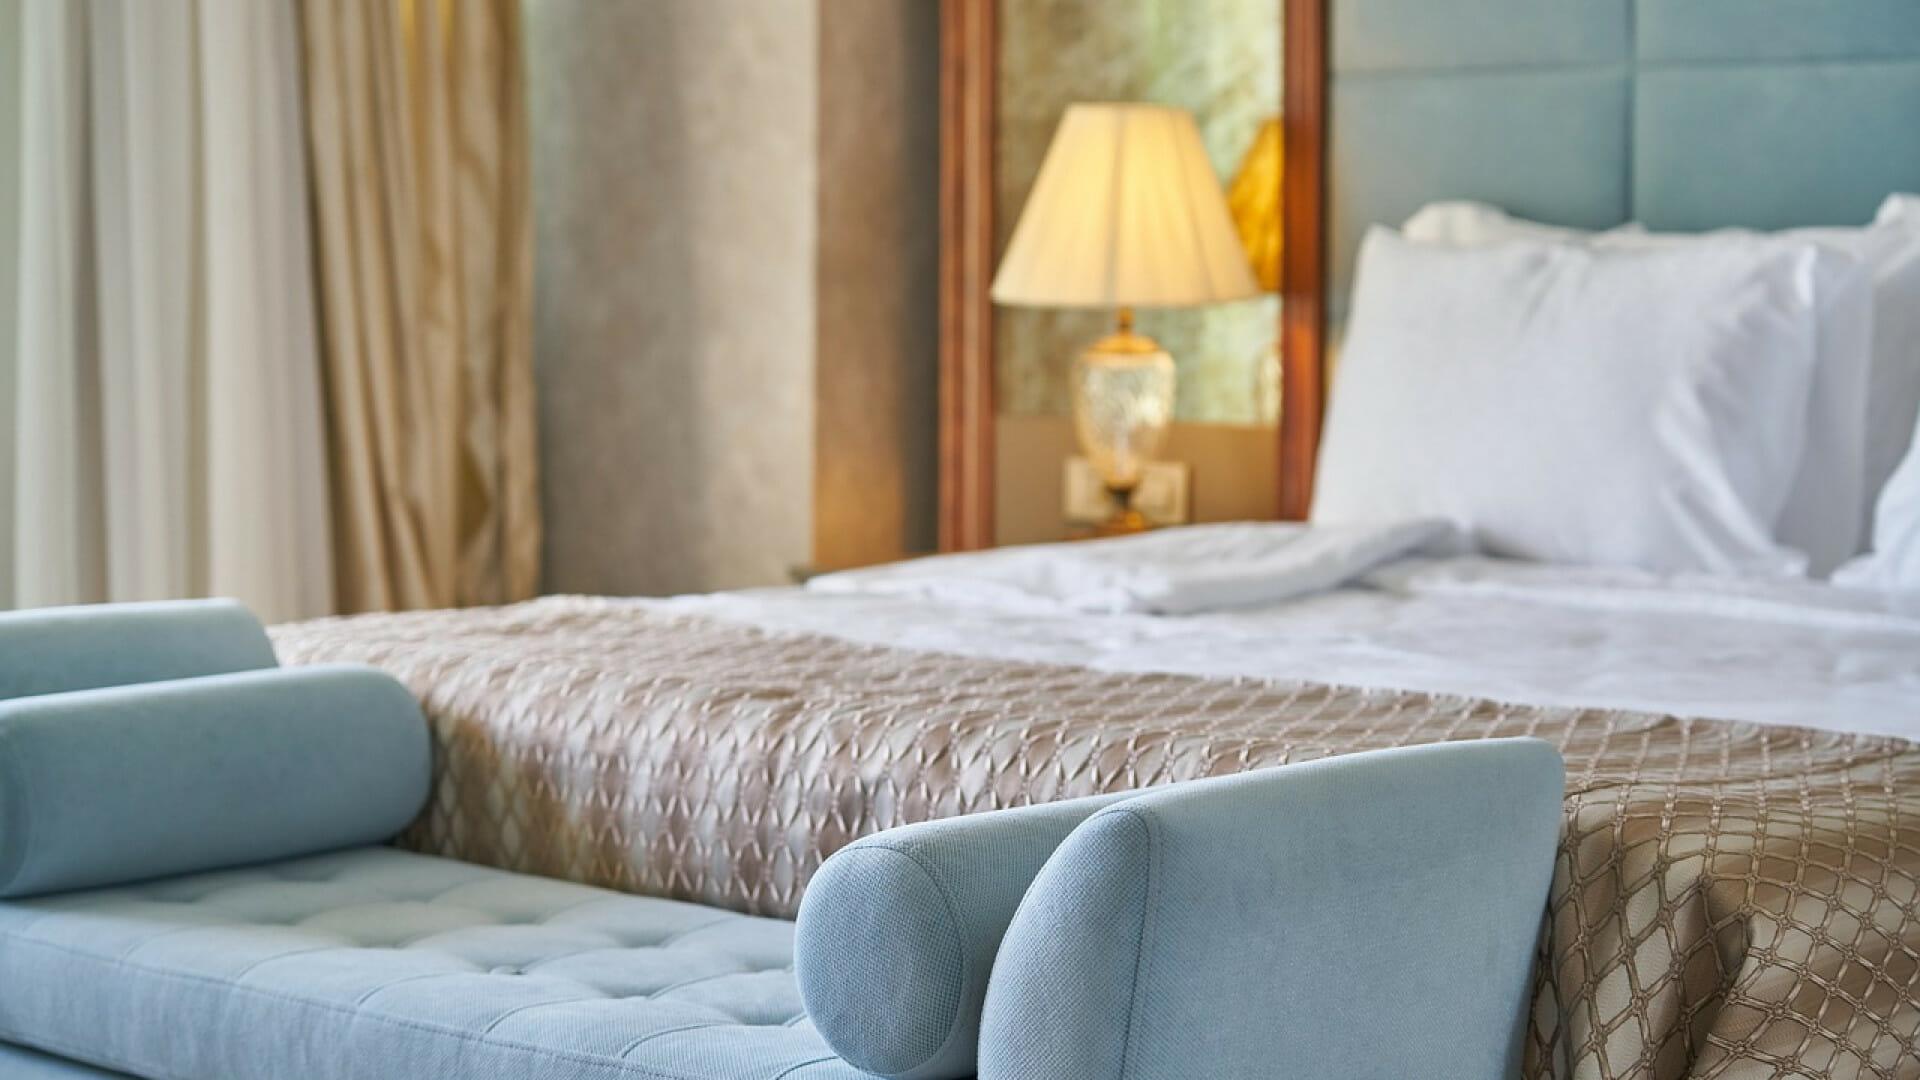 Trouvez le meilleur hôtel pour de merveilleuses vacances !